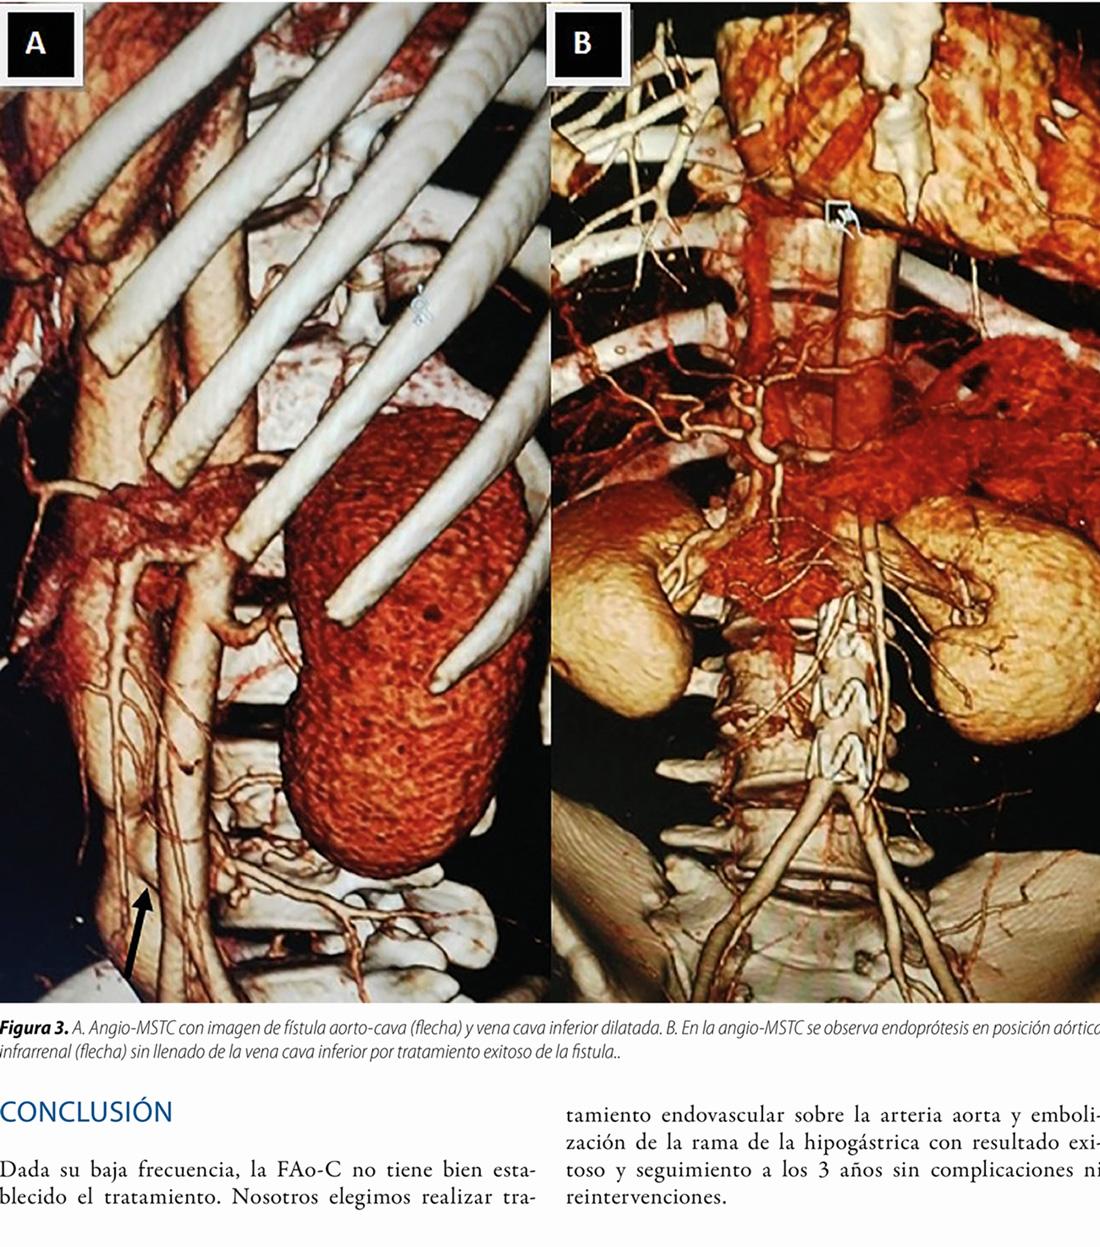 Tratamiento endovascular de fístula aorto-cava